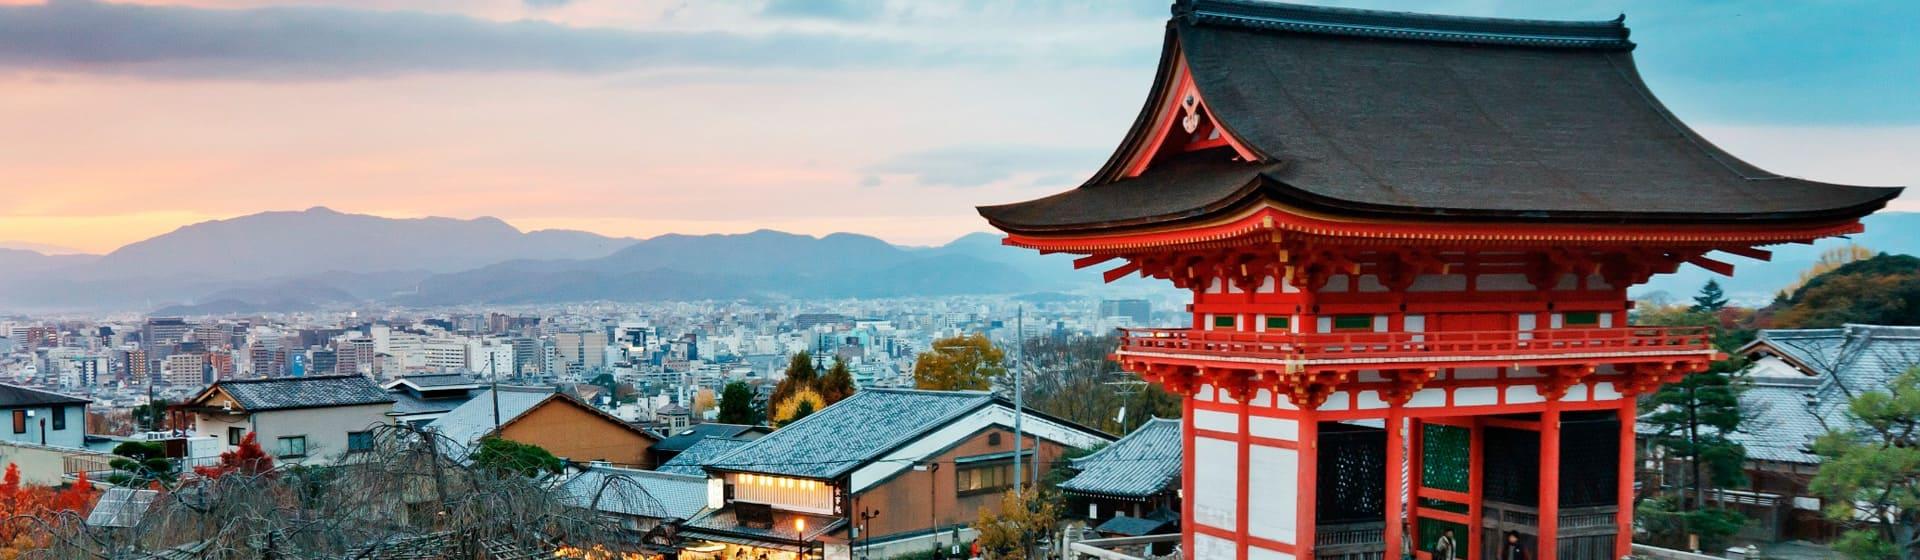 Япония - Мерч и одежда с атрибутикой